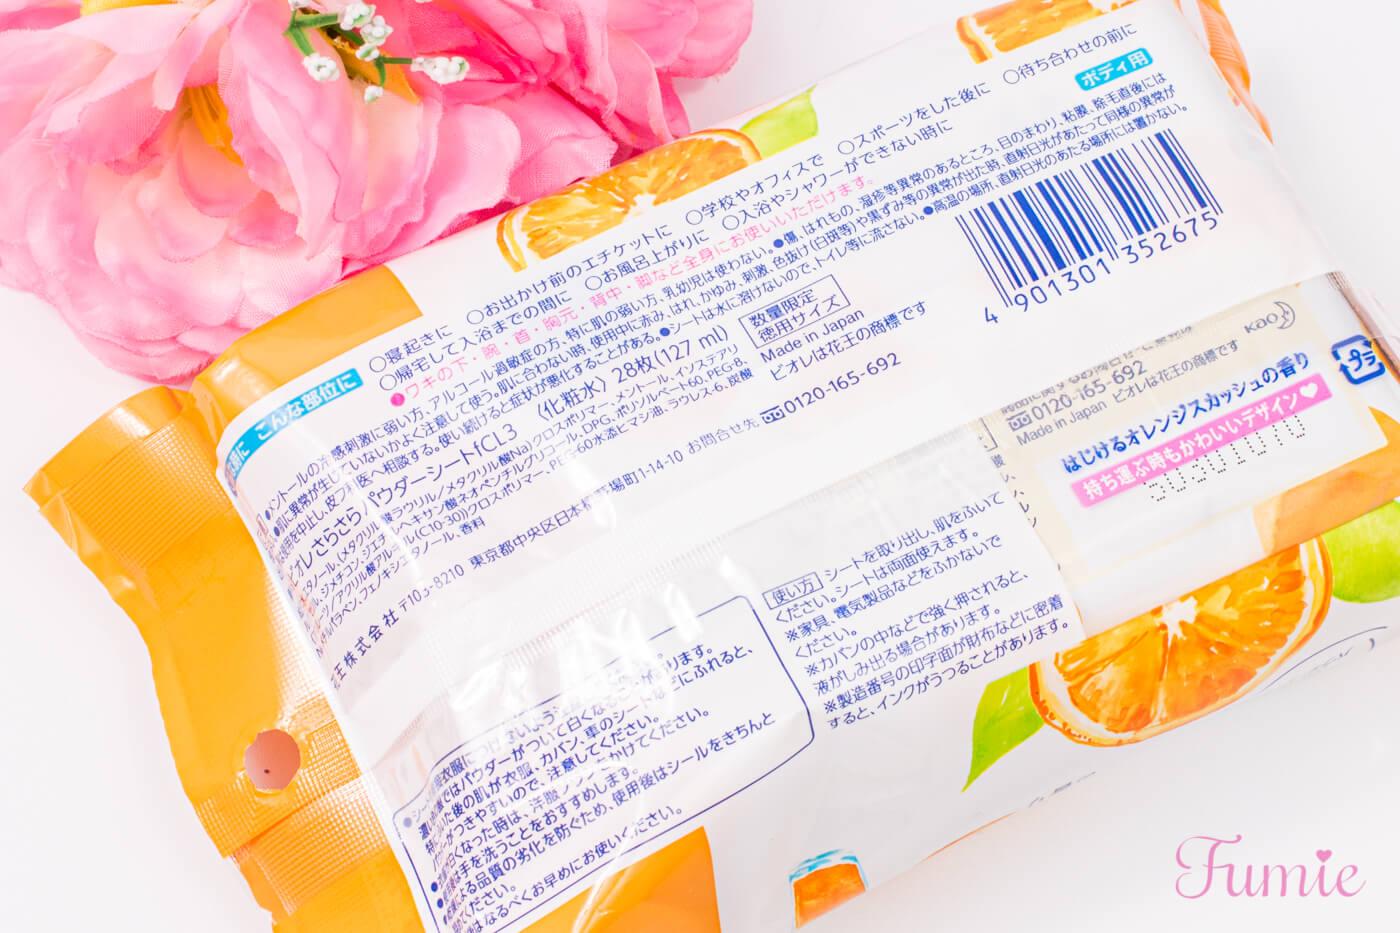 ビオレ さらさらパウダーシート はじけるオレンジスカッシュの香り パッケージ裏面